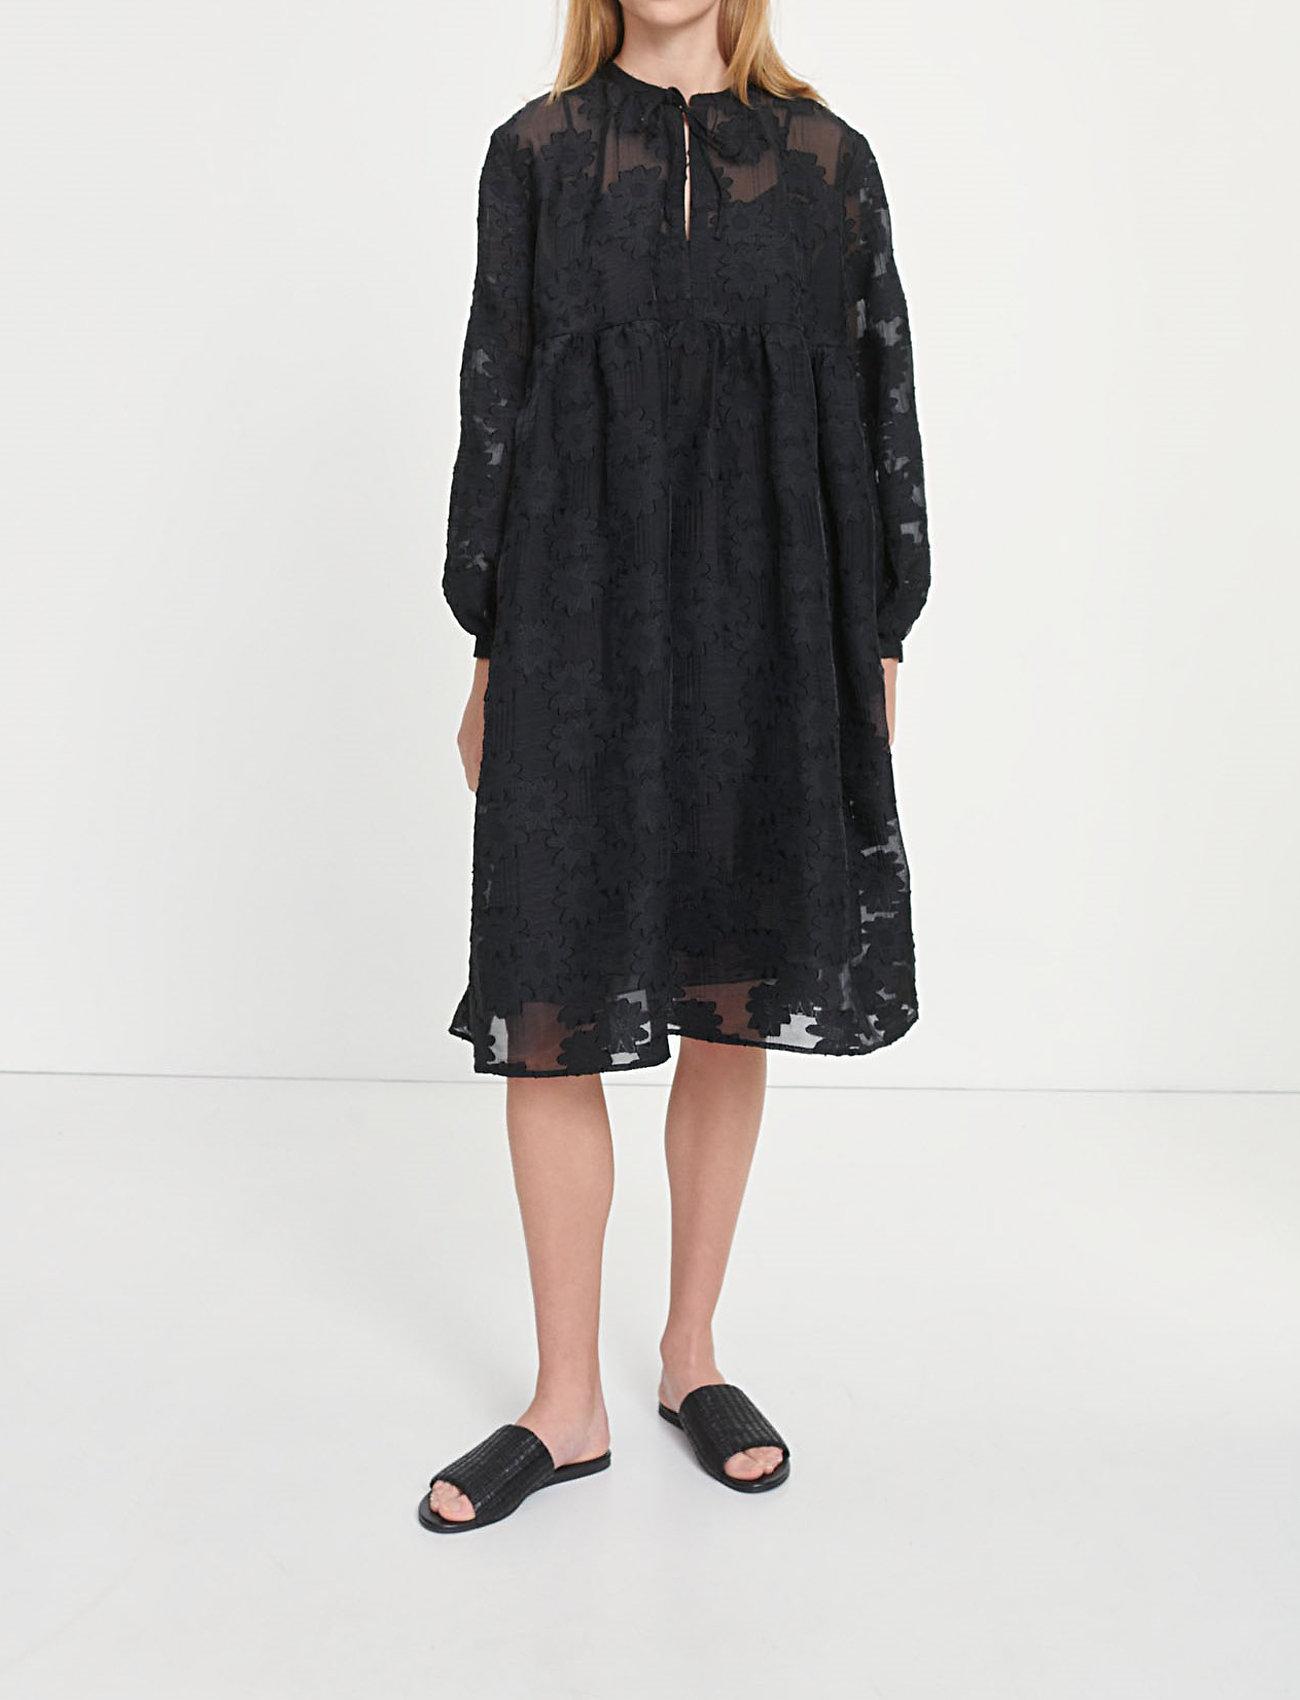 Samsøe Samsøe - Mynthe dress 13049 - blondekjoler - black - 0